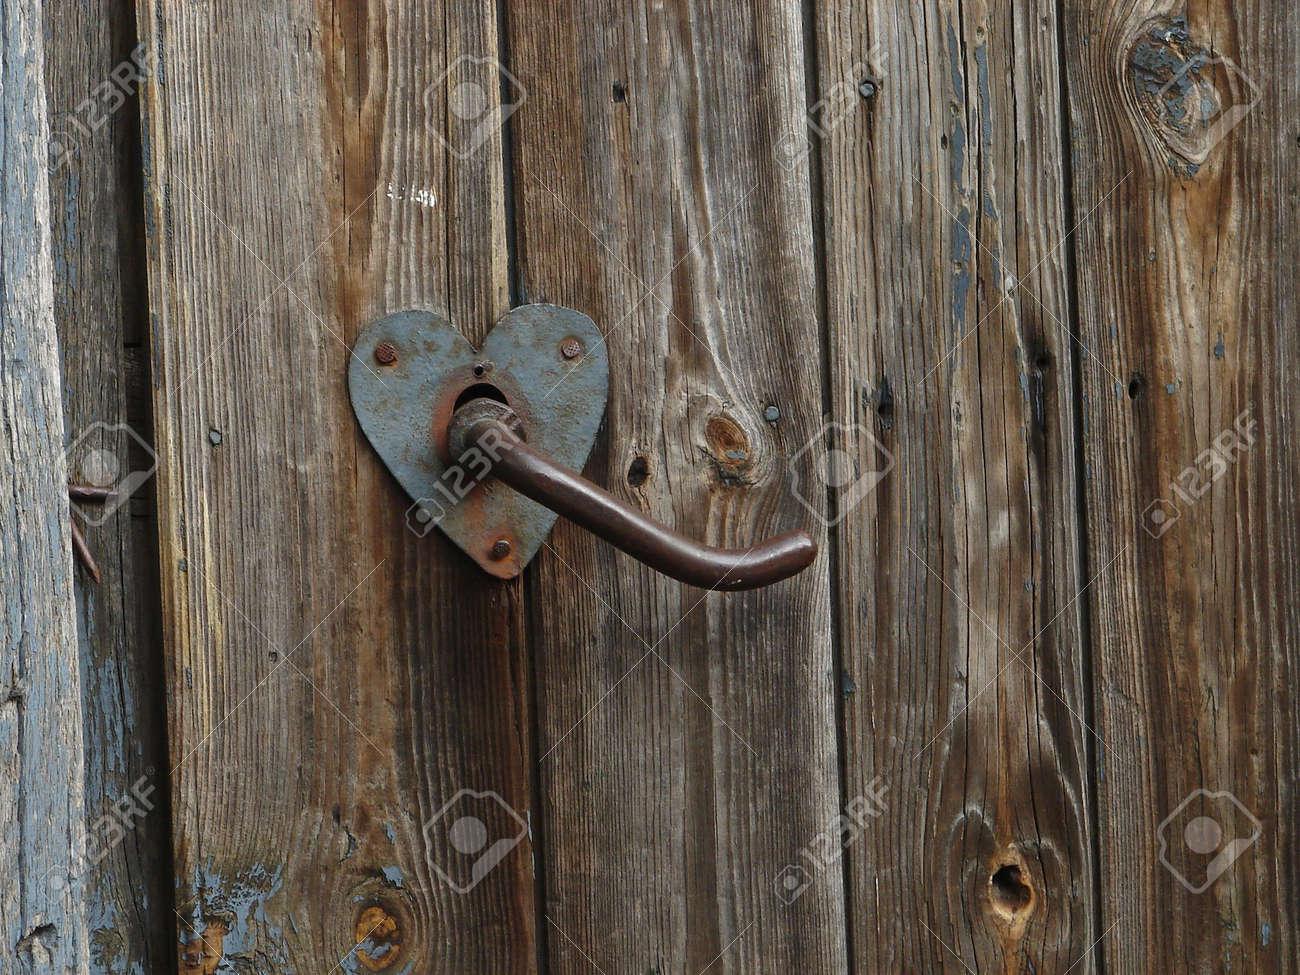 Aged door handle on wooden door Stock Photo - 731386